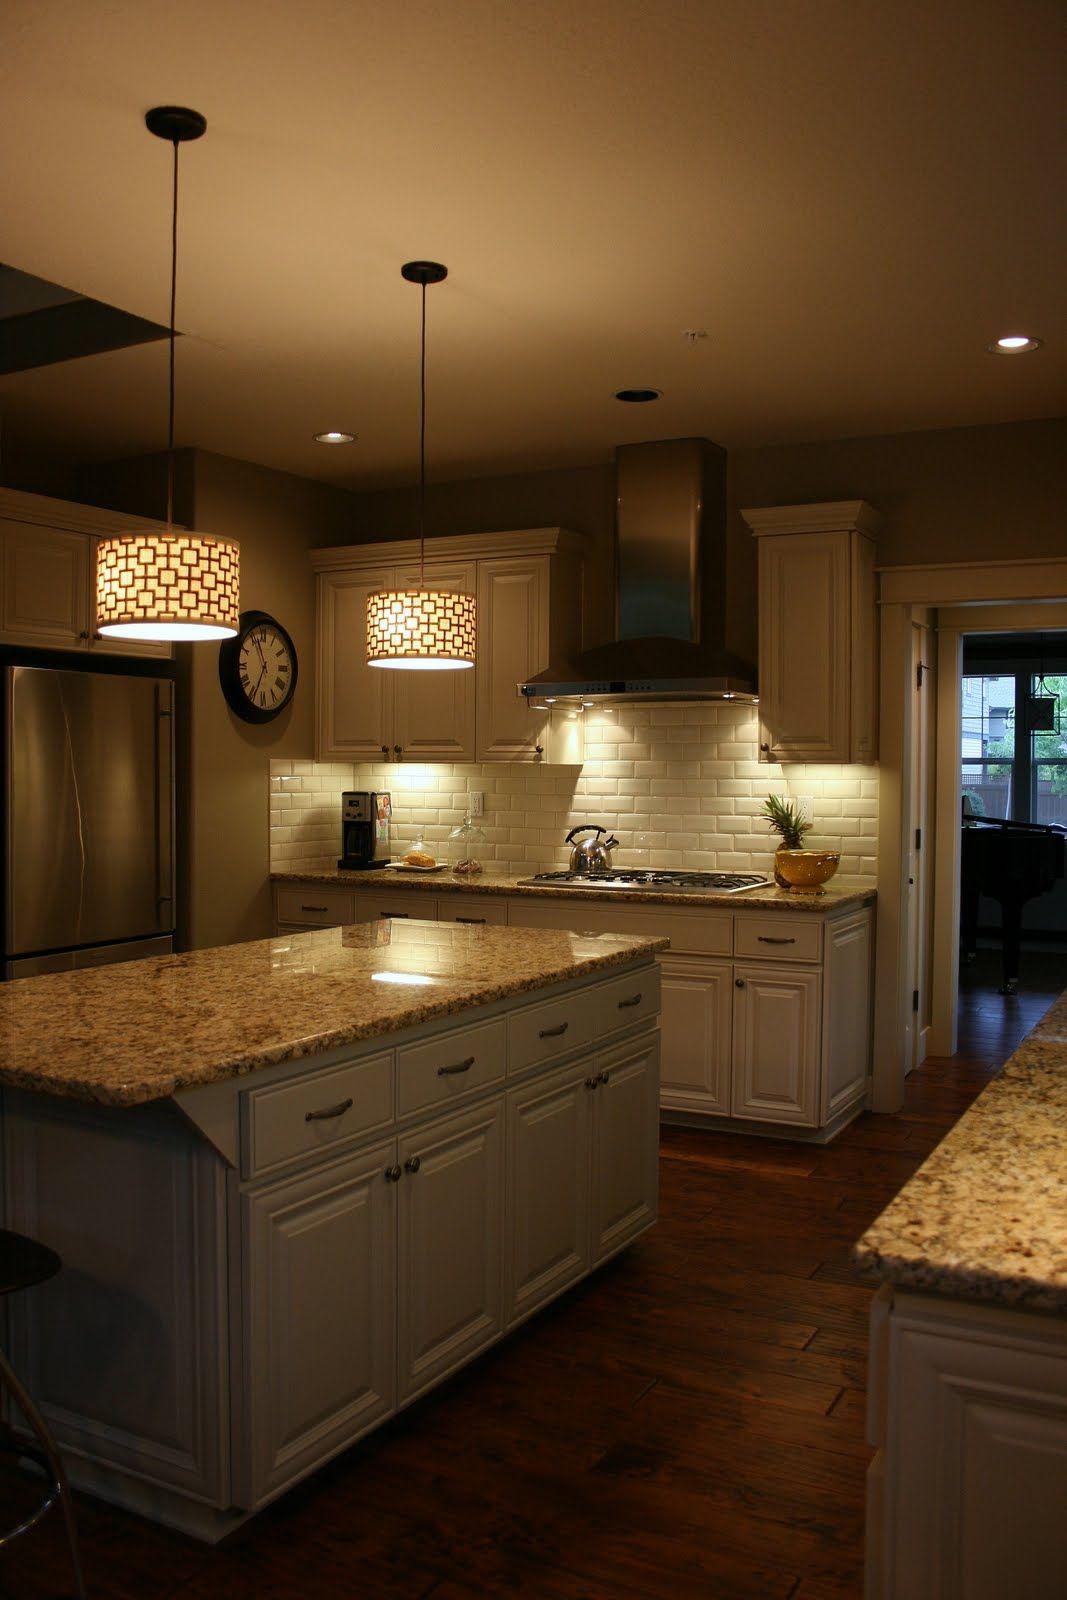 beautiful kitchen island pendant lighting ideas to illuminate